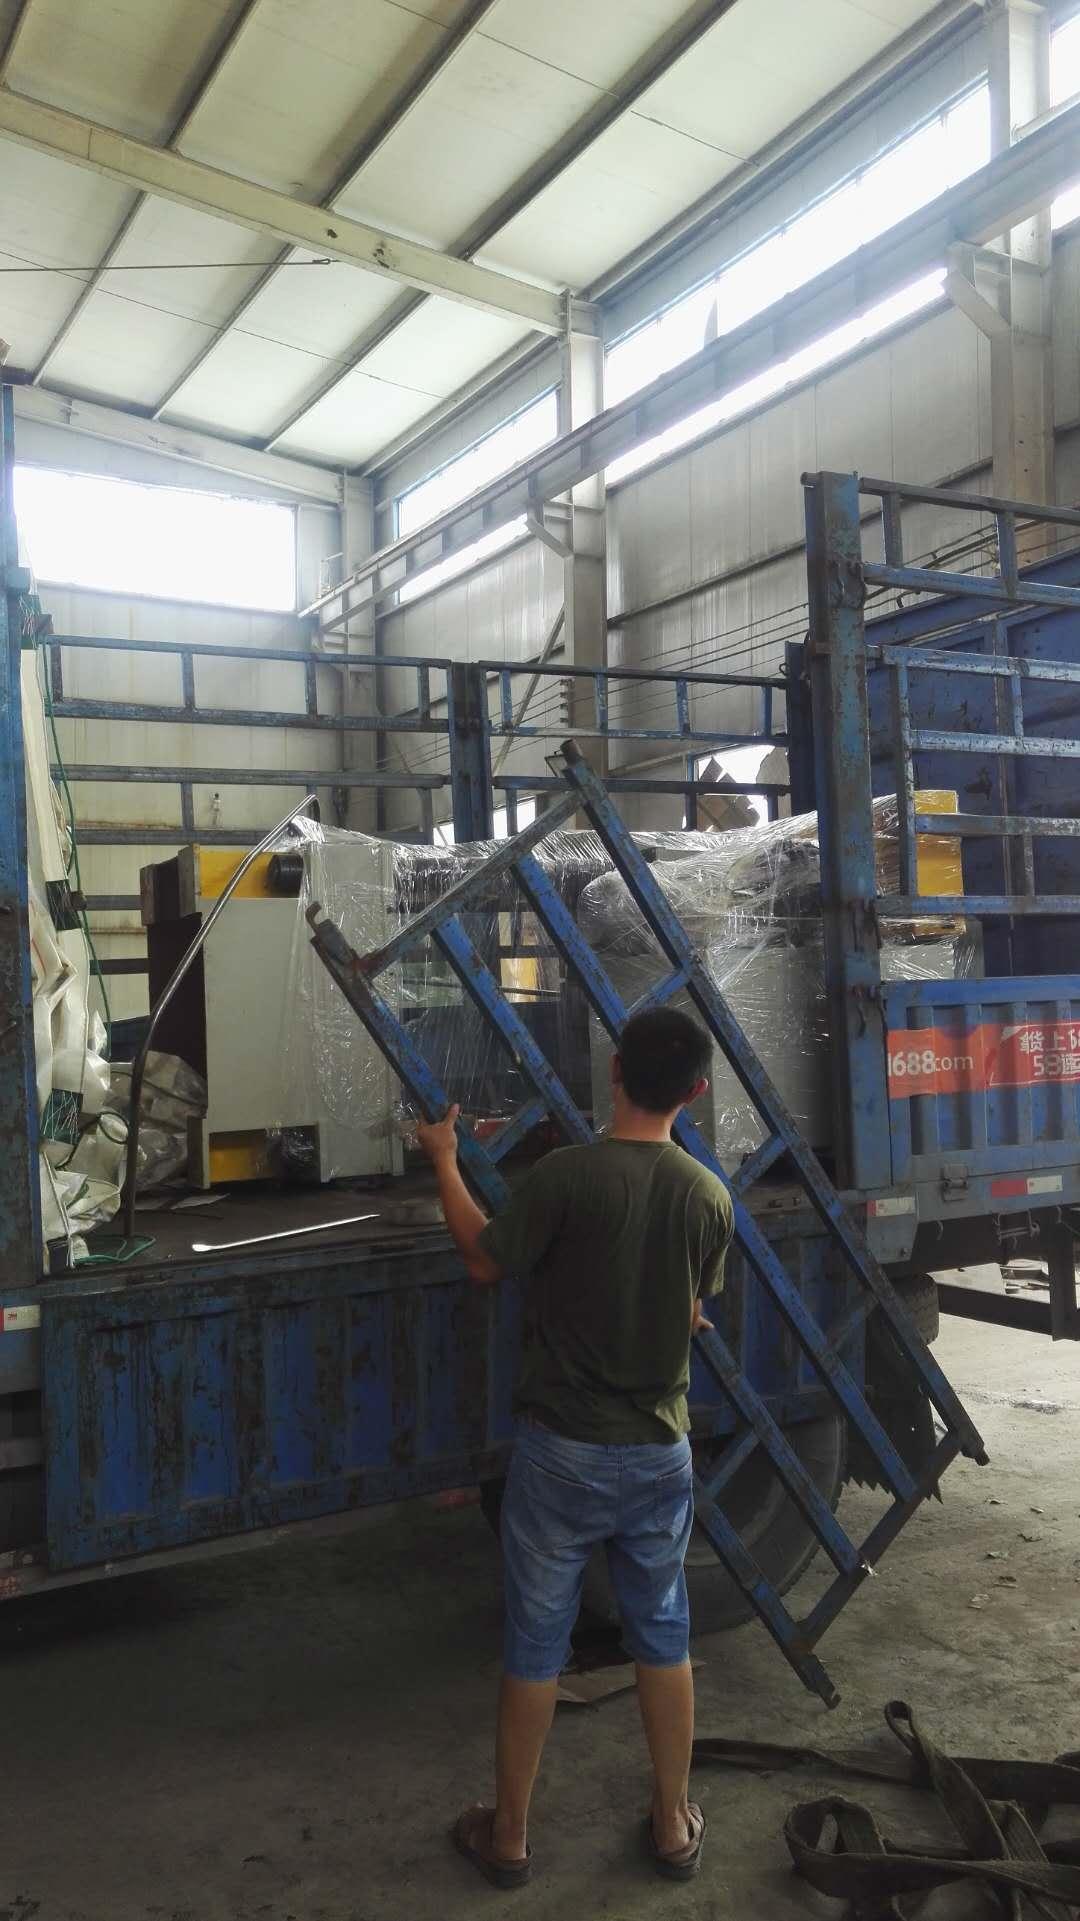 三梁四柱液压机Y32-200吨油压机压力机厂家制造厂通用型液压机床